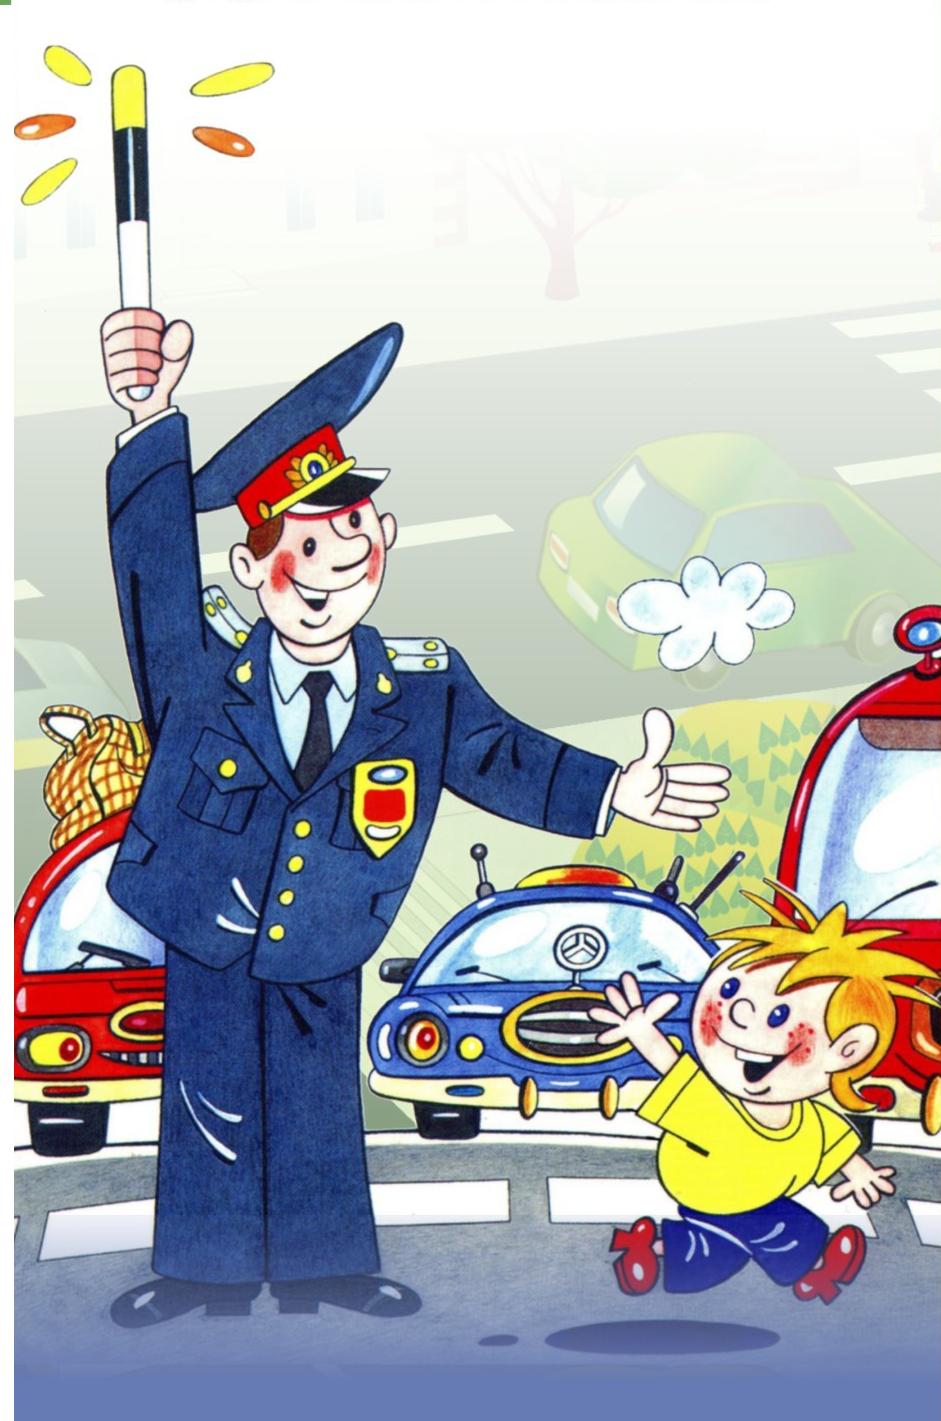 Регулировщик картинка для детей на прозрачном фоне